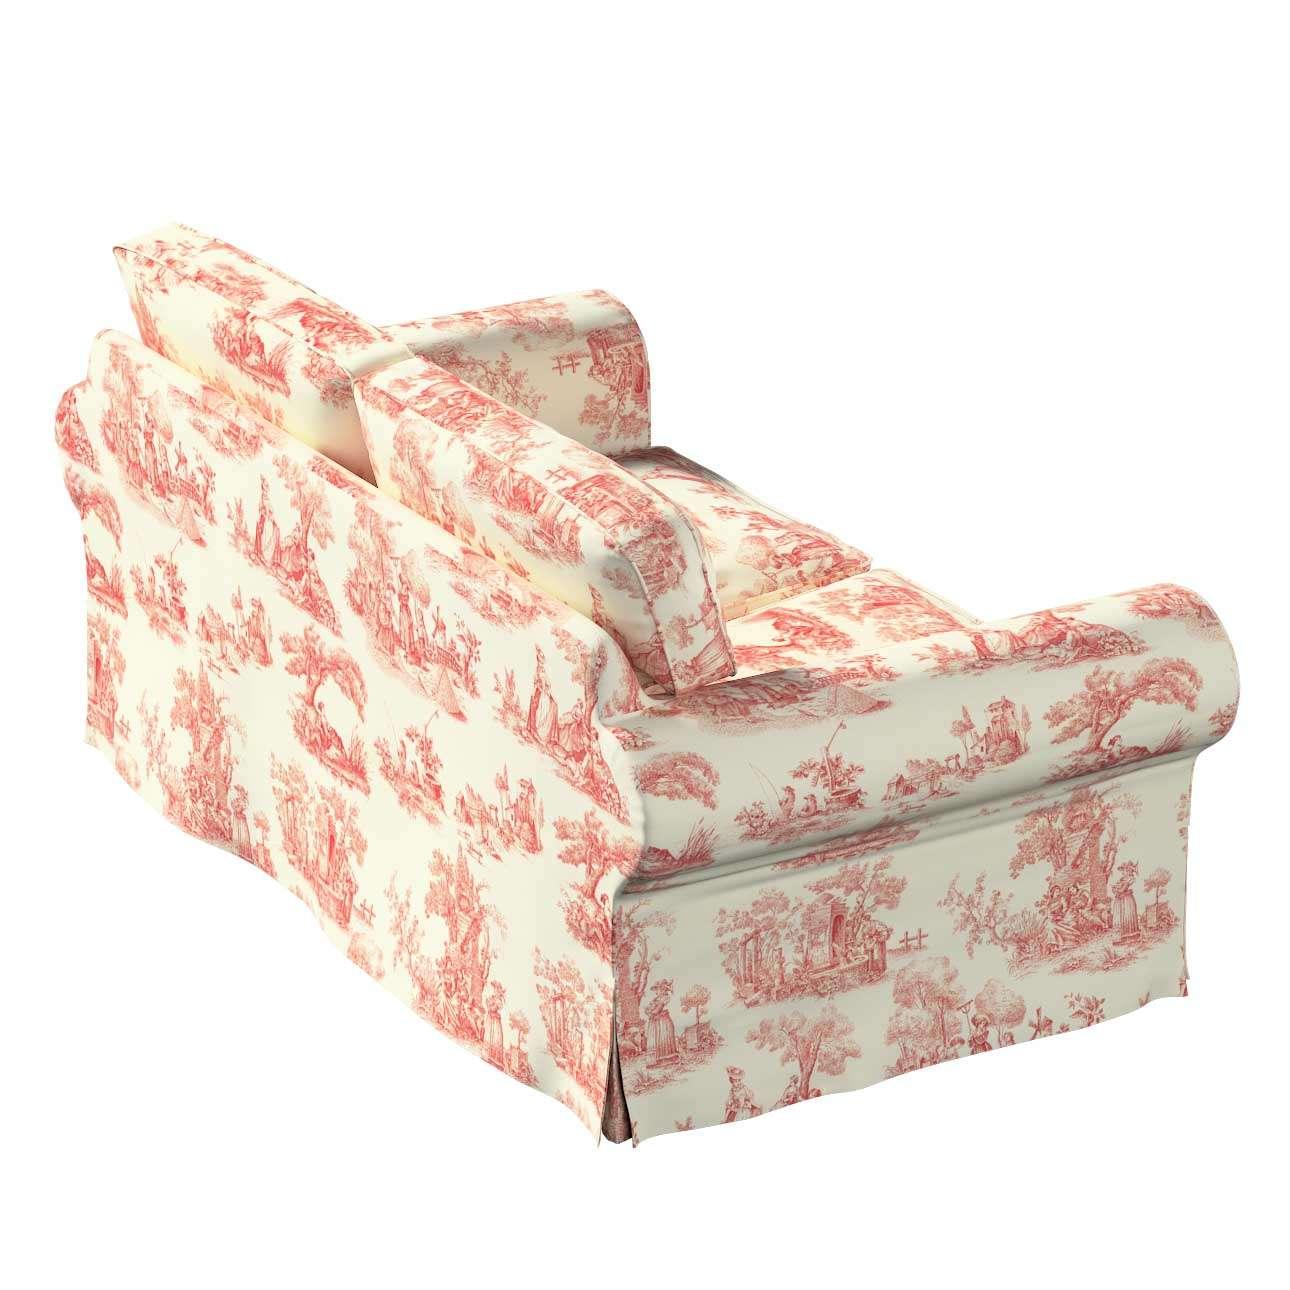 Potah na pohovku IKEA  Ektorp 2-místná, nerozkládací pohovka Ektorp 2-místná v kolekci Avignon, látka: 132-15